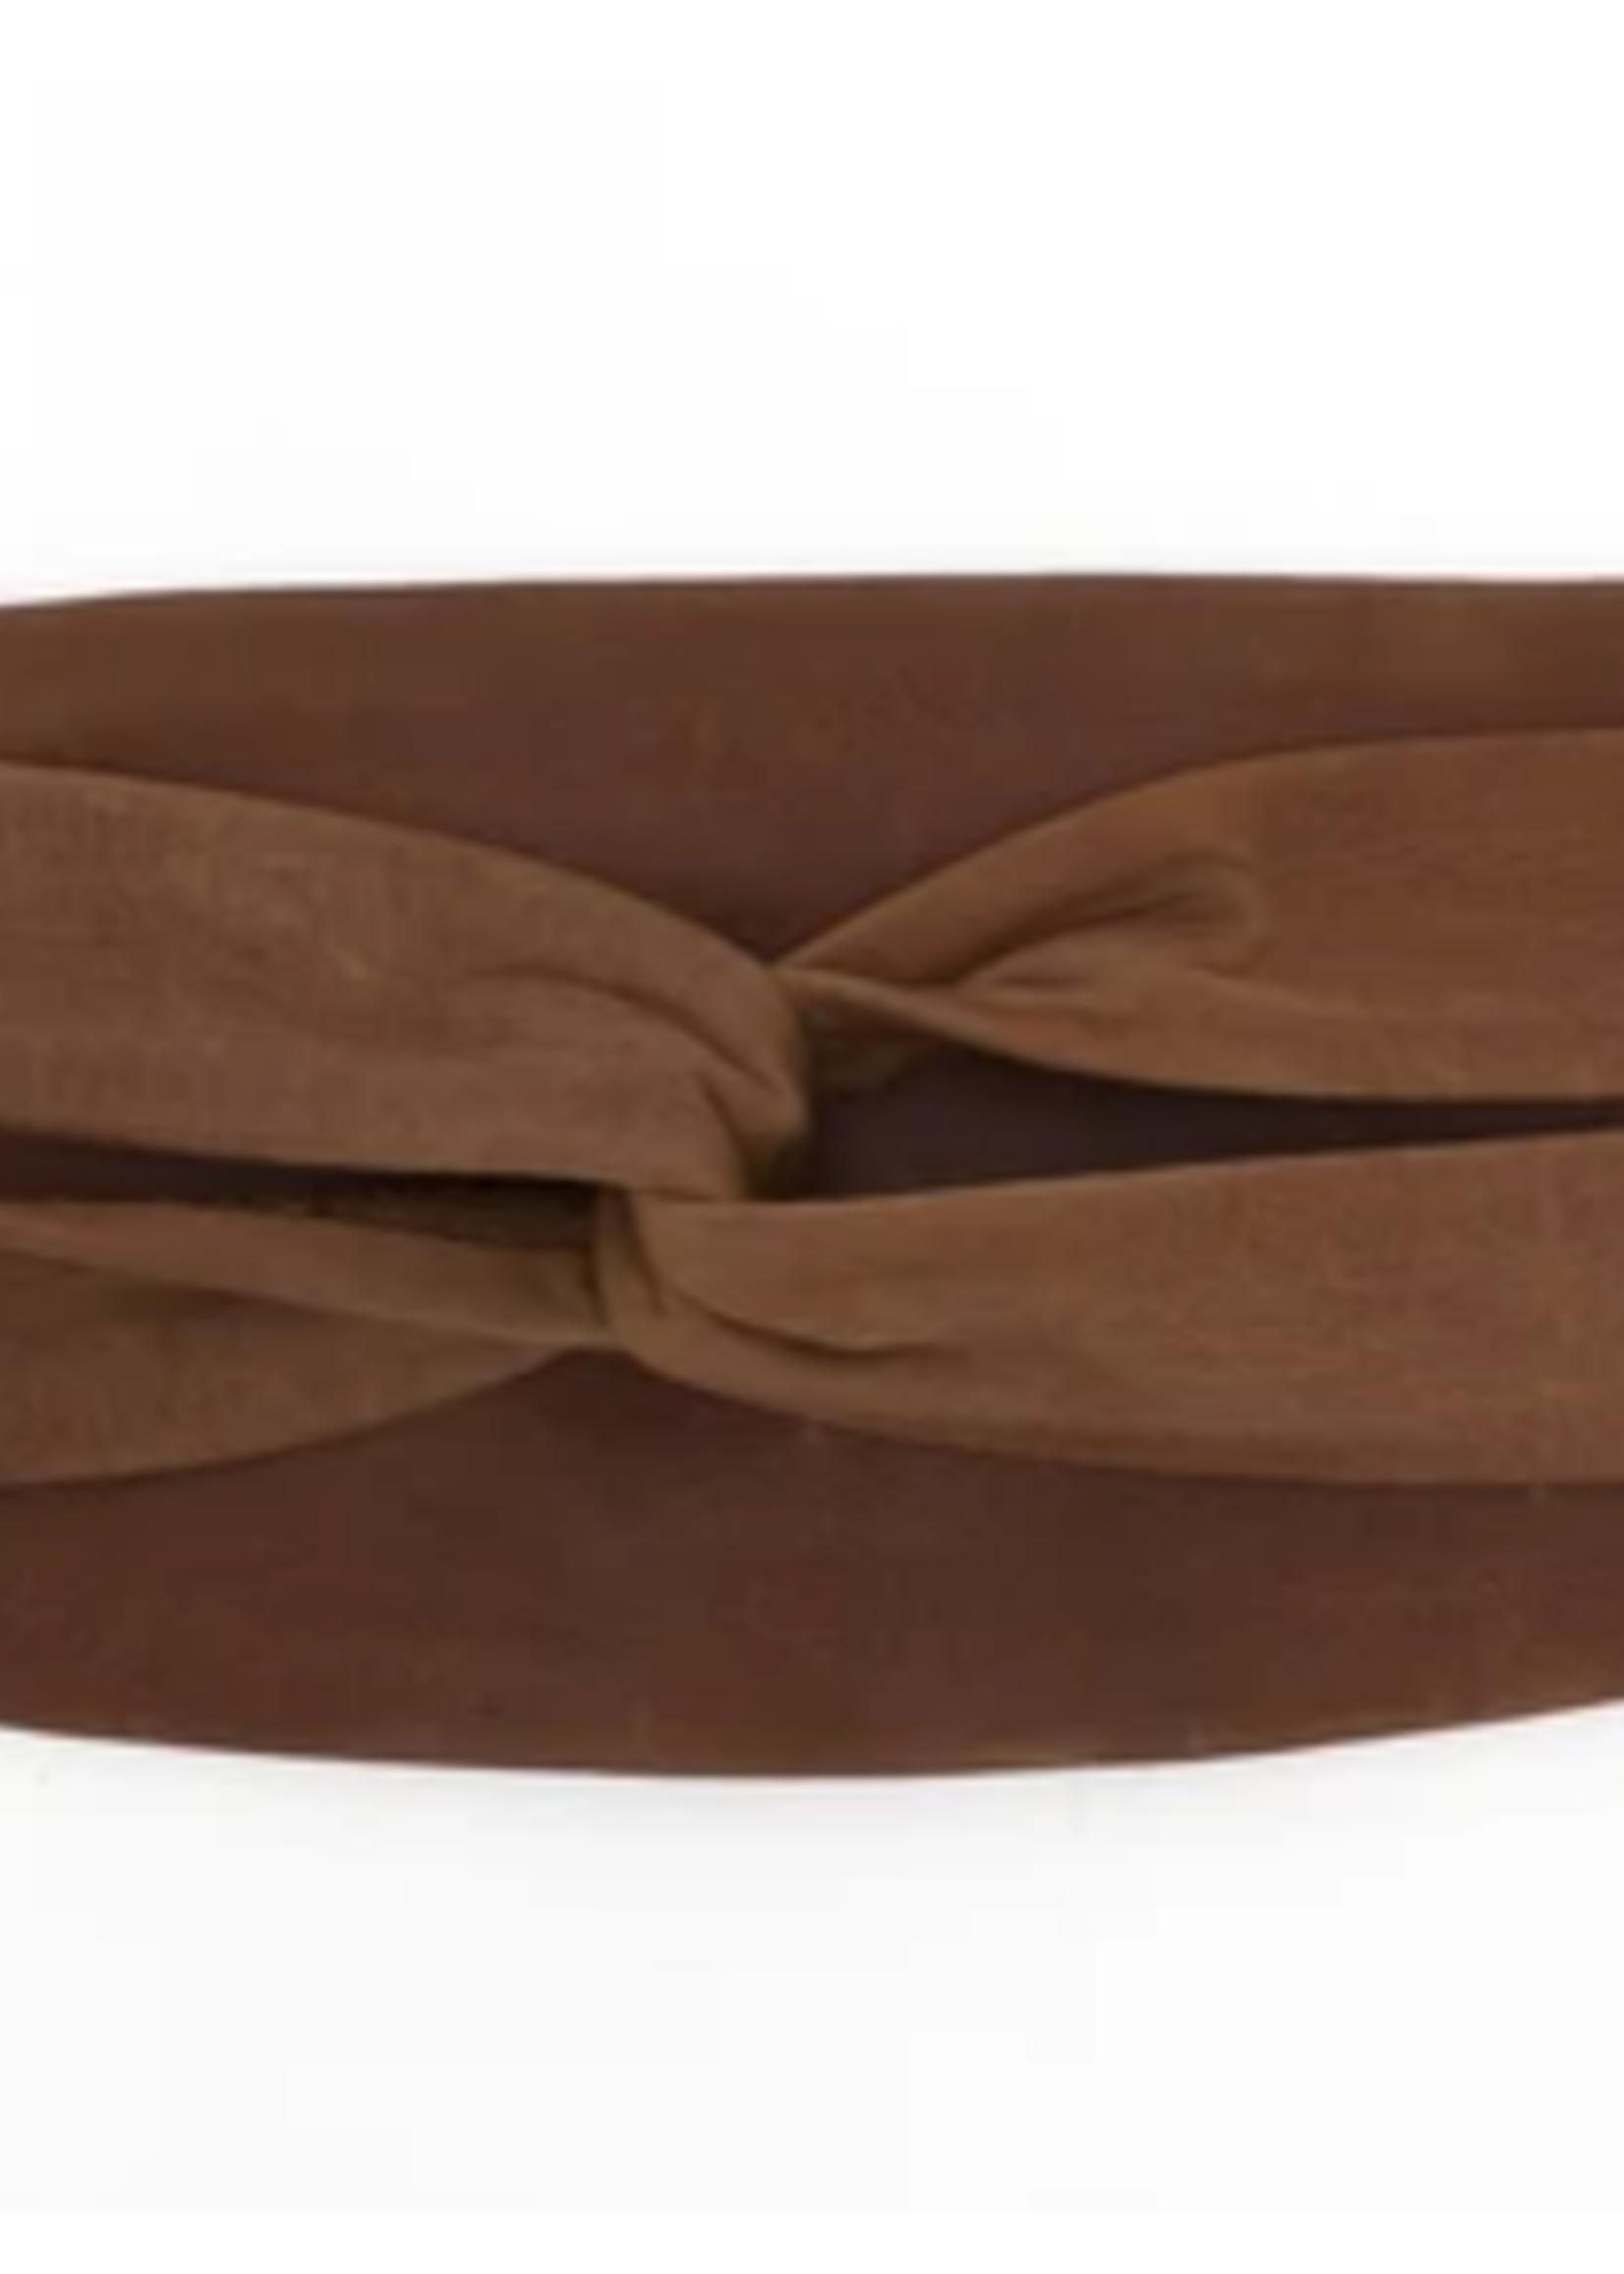 Elitaire Boutique Wrap Belt - Cognac